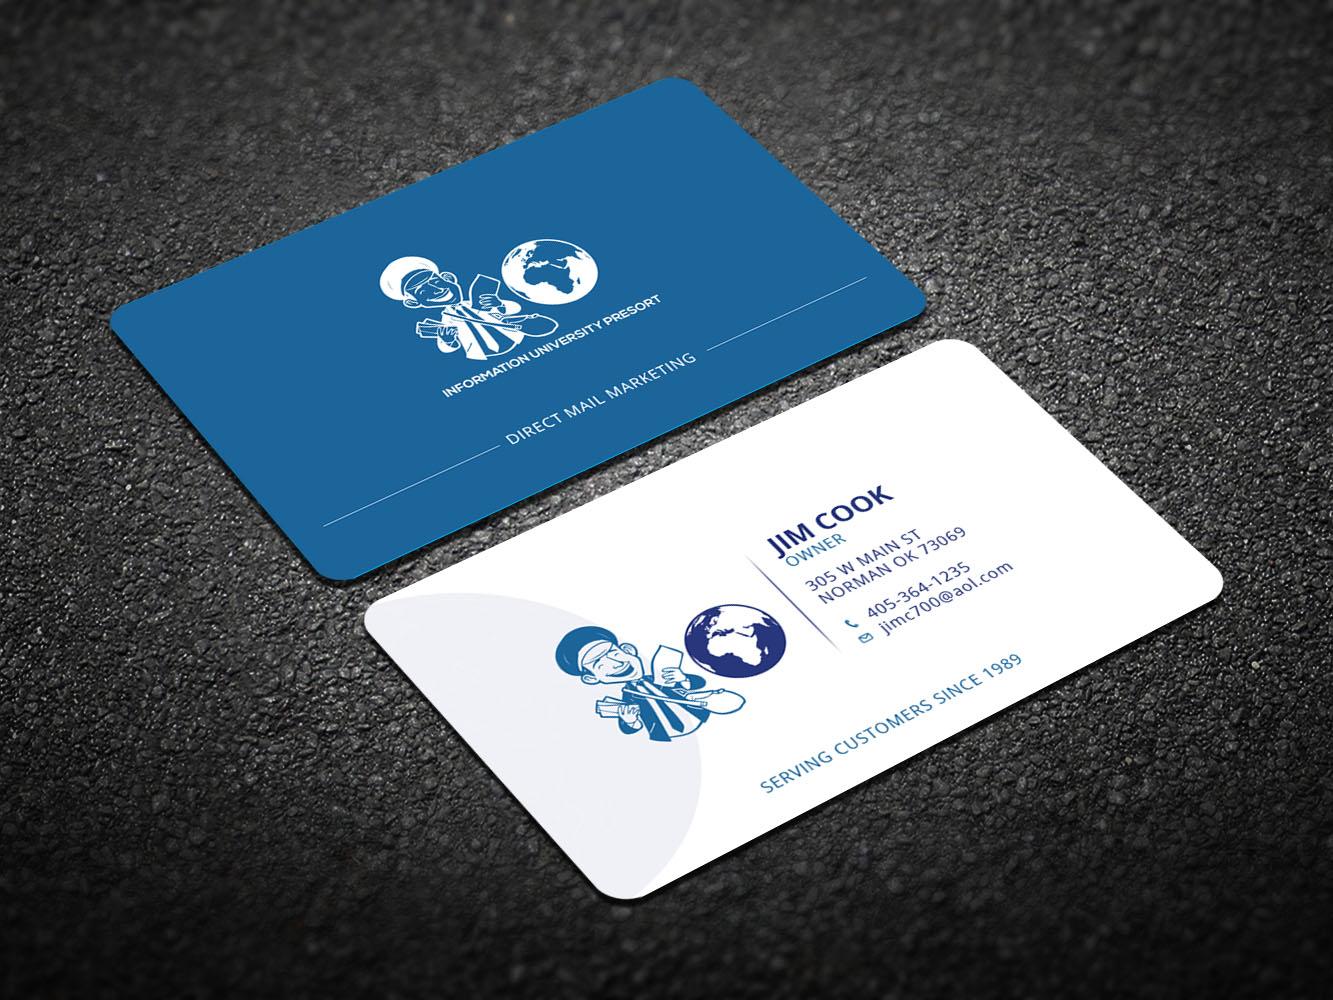 Upmarket elegant business card design for jim cook by creative business card design by creative design for university presort direct mail business card design magicingreecefo Image collections